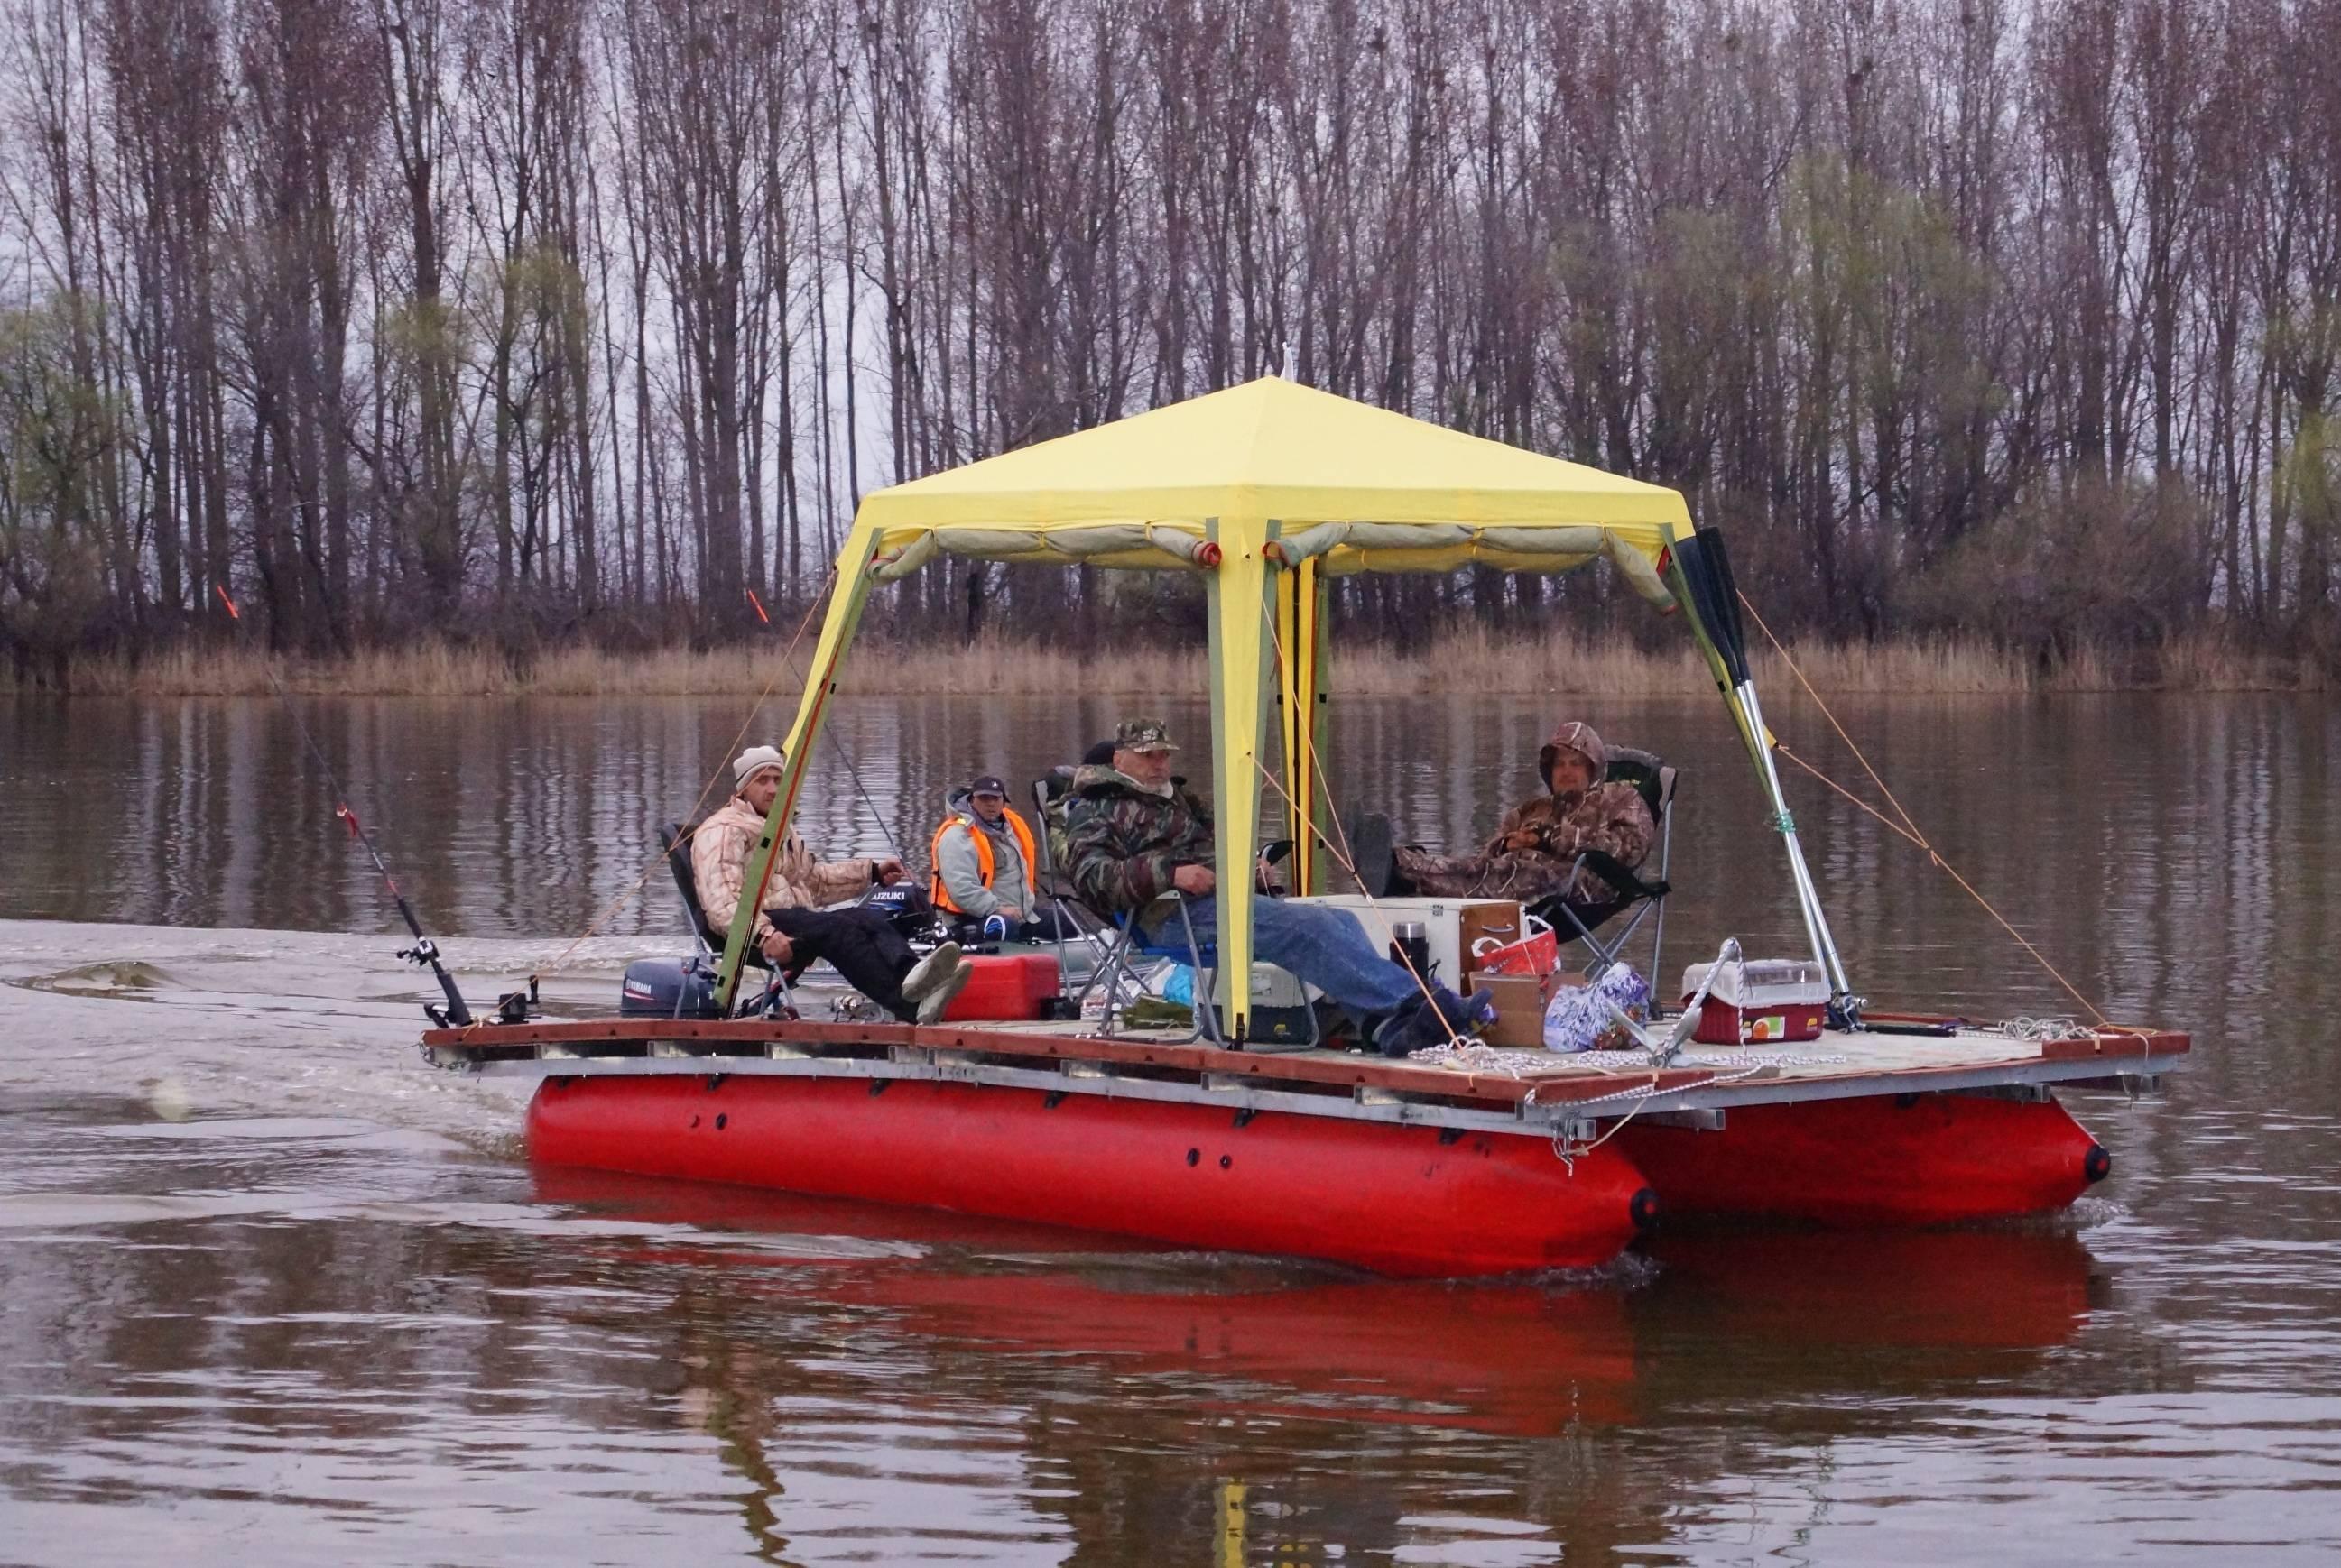 Тюнинг лодки своими руками — варианты модификаций, направления тюнинга и усовершенствования серийных пвх лодок (130 фото и видео)